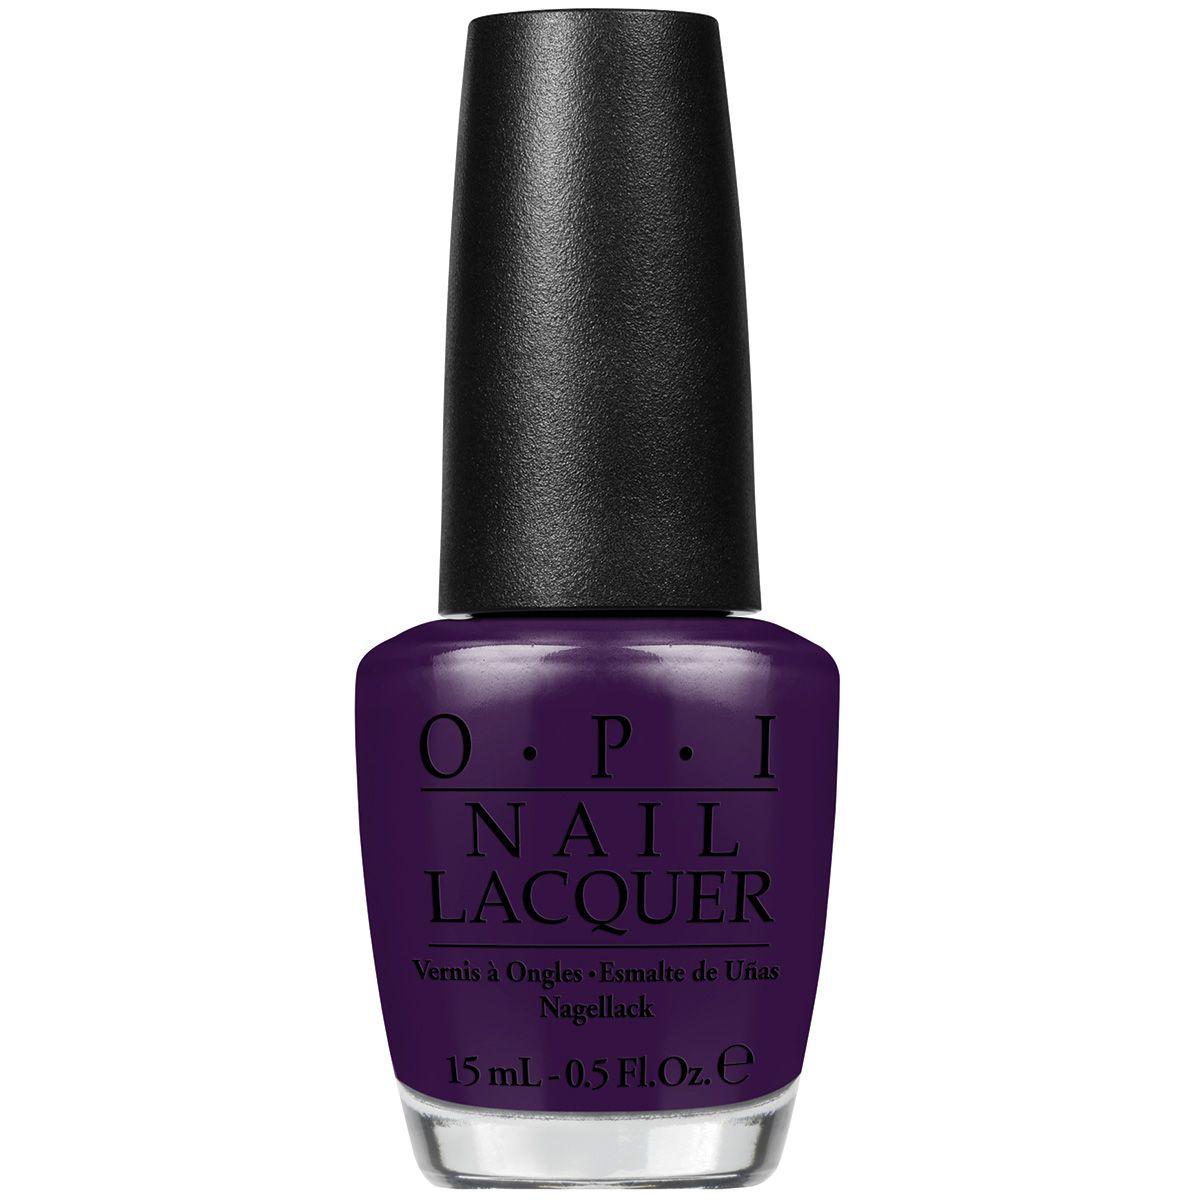 OPI Лак для ногтей A Grape Affair, 15 млперфорационные unisexЛак для ногтей OPI быстросохнущий, содержит натуральный шелк и аминокислоты. Увлажняет и ухаживает за ногтями. Форма флакона, колпачка и кисти специально разработаны для удобного использования и запатентованы.